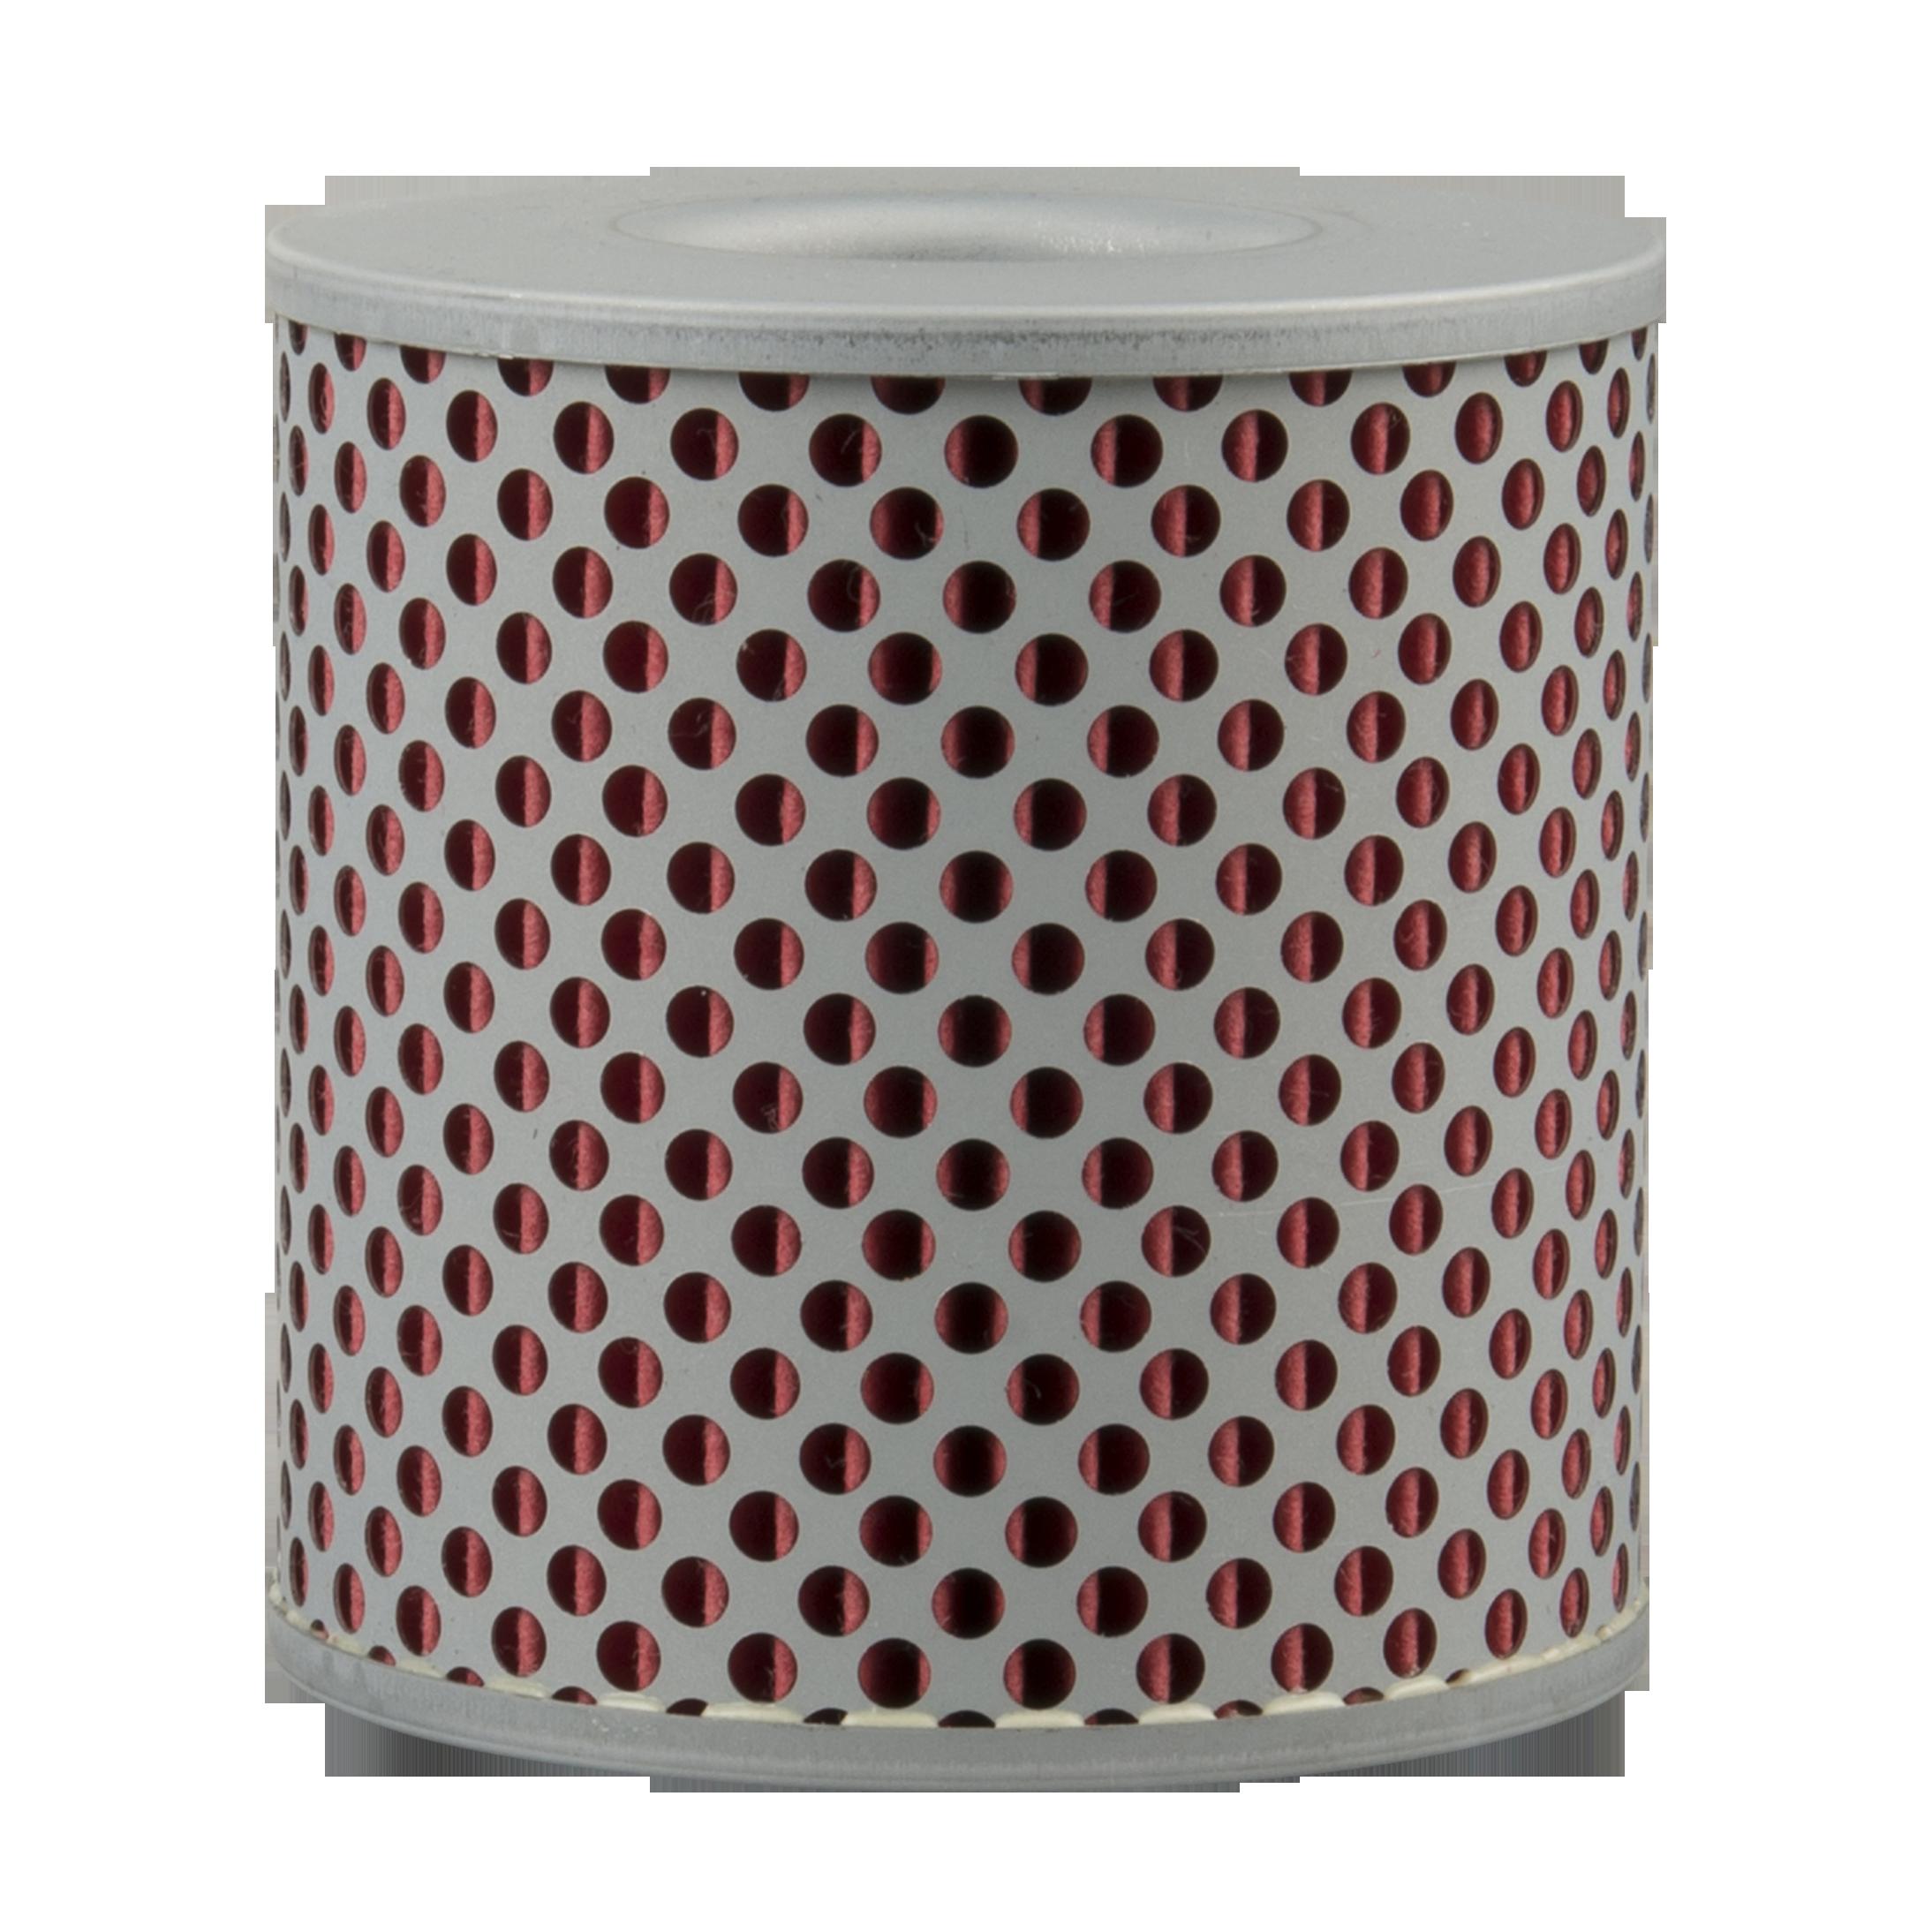 HIFLO Premium Oil Filter